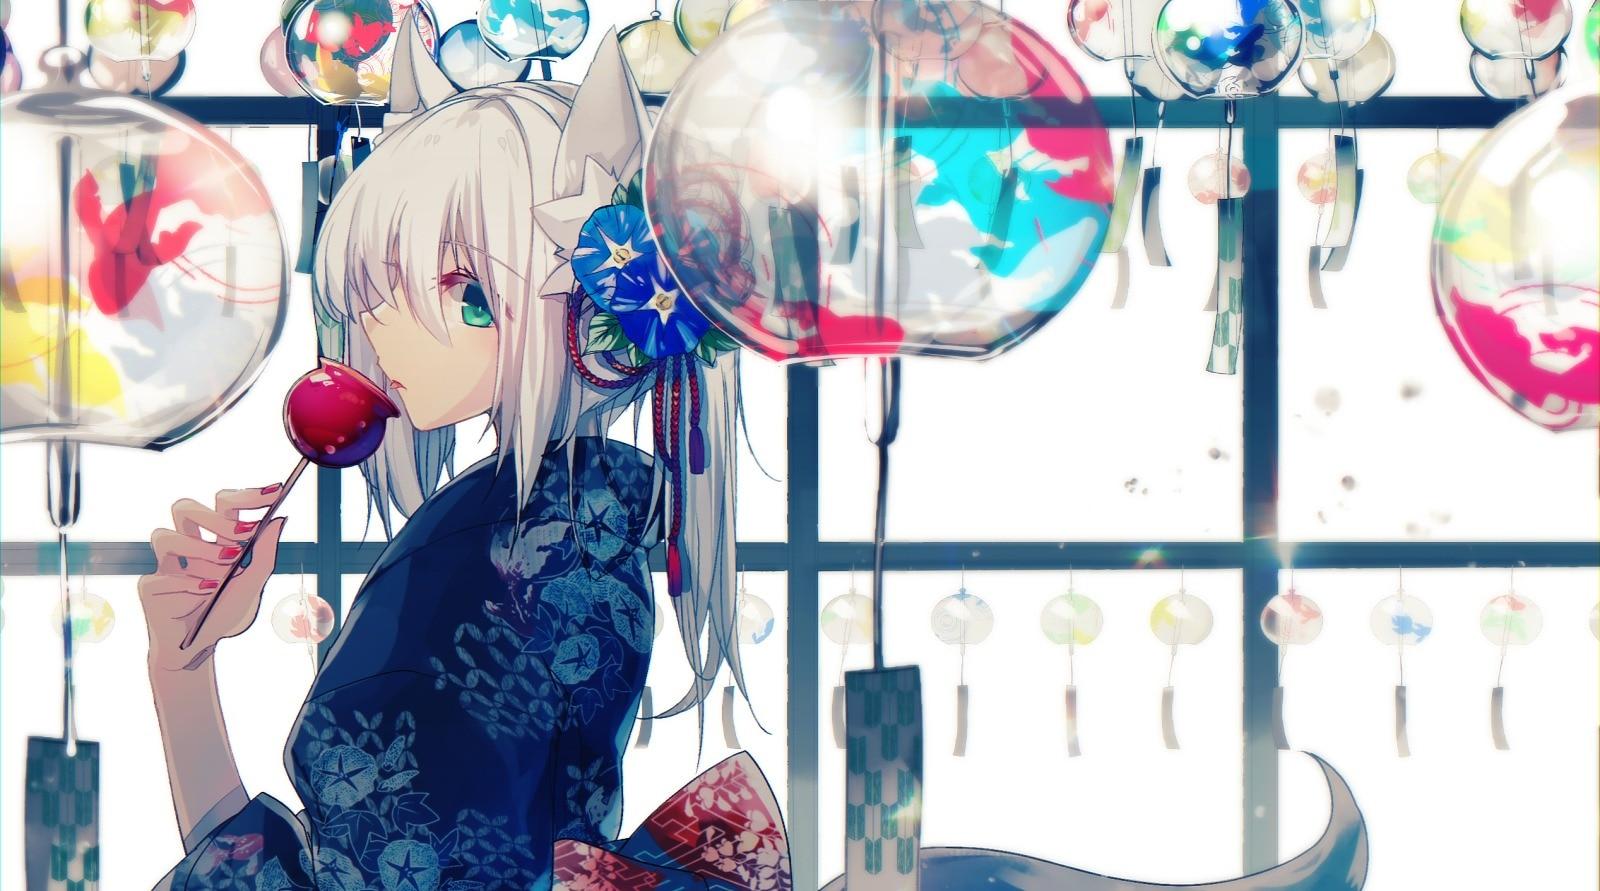 【白毛兽耳娘】日本画师 ぬみ-Sin二次元少女插画作品赏析_图片 No.7